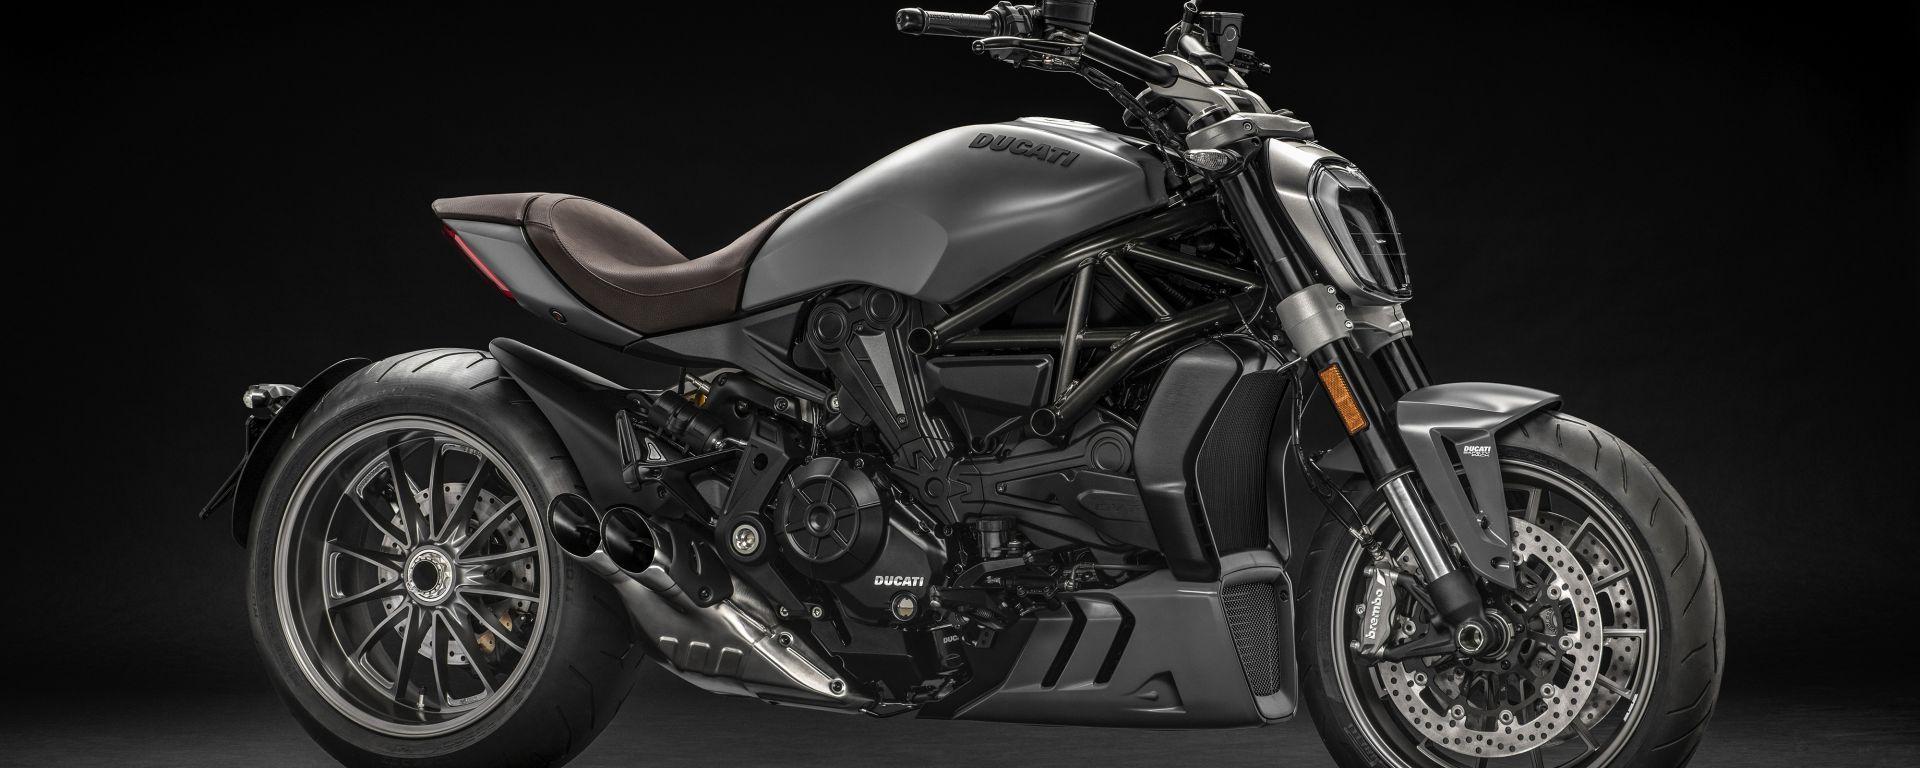 Nuova colorazione per la Ducati XDiavel 2019